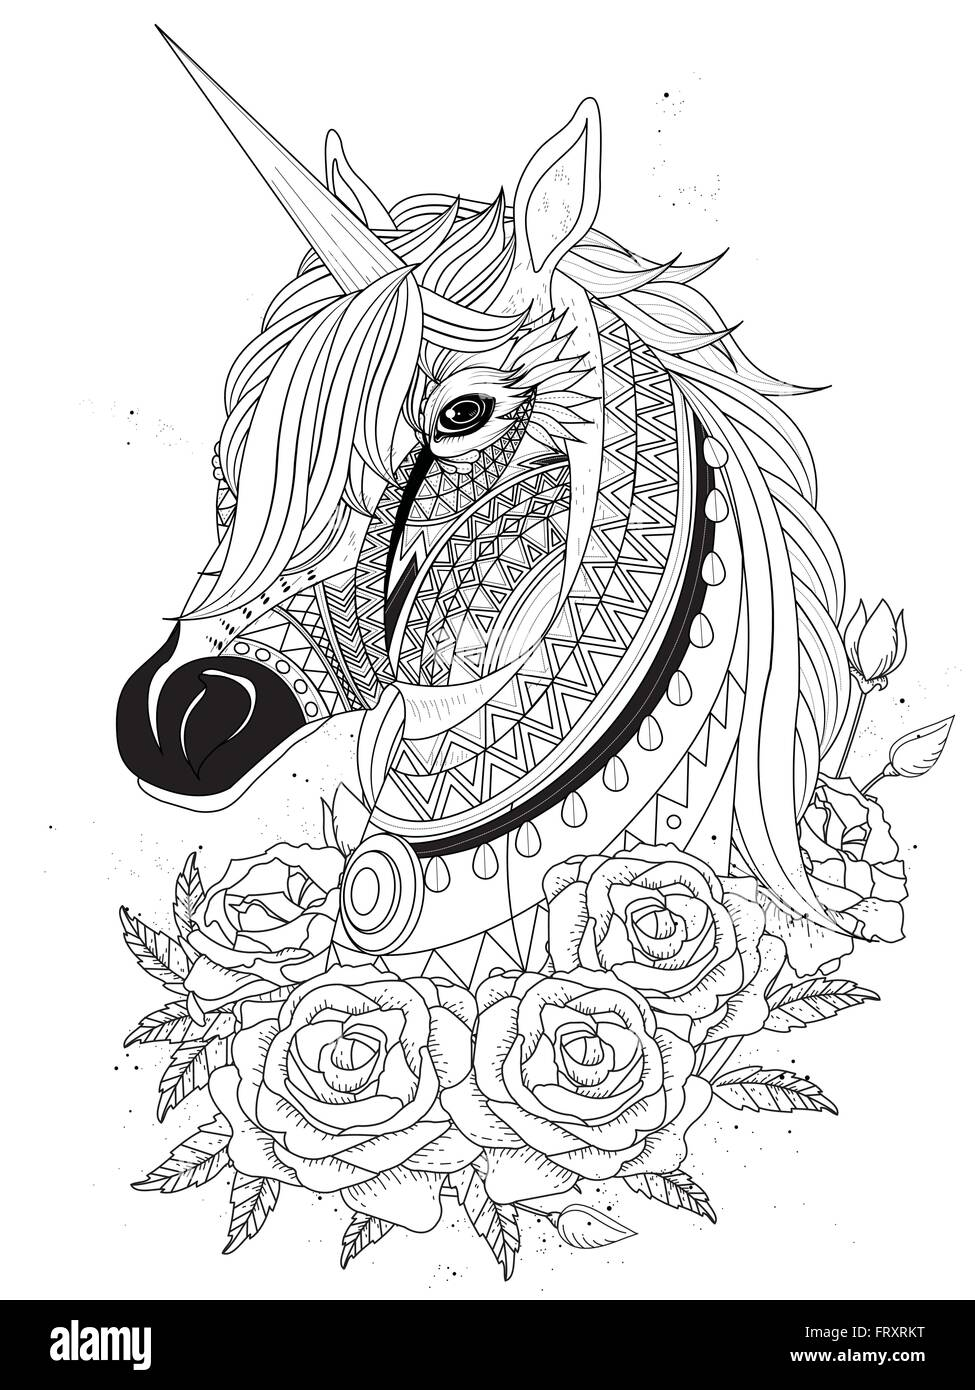 Coloriage Adulte Licorne.Licorne Sacree Avec Des Roses Coloriage Adultes Vecteurs Et